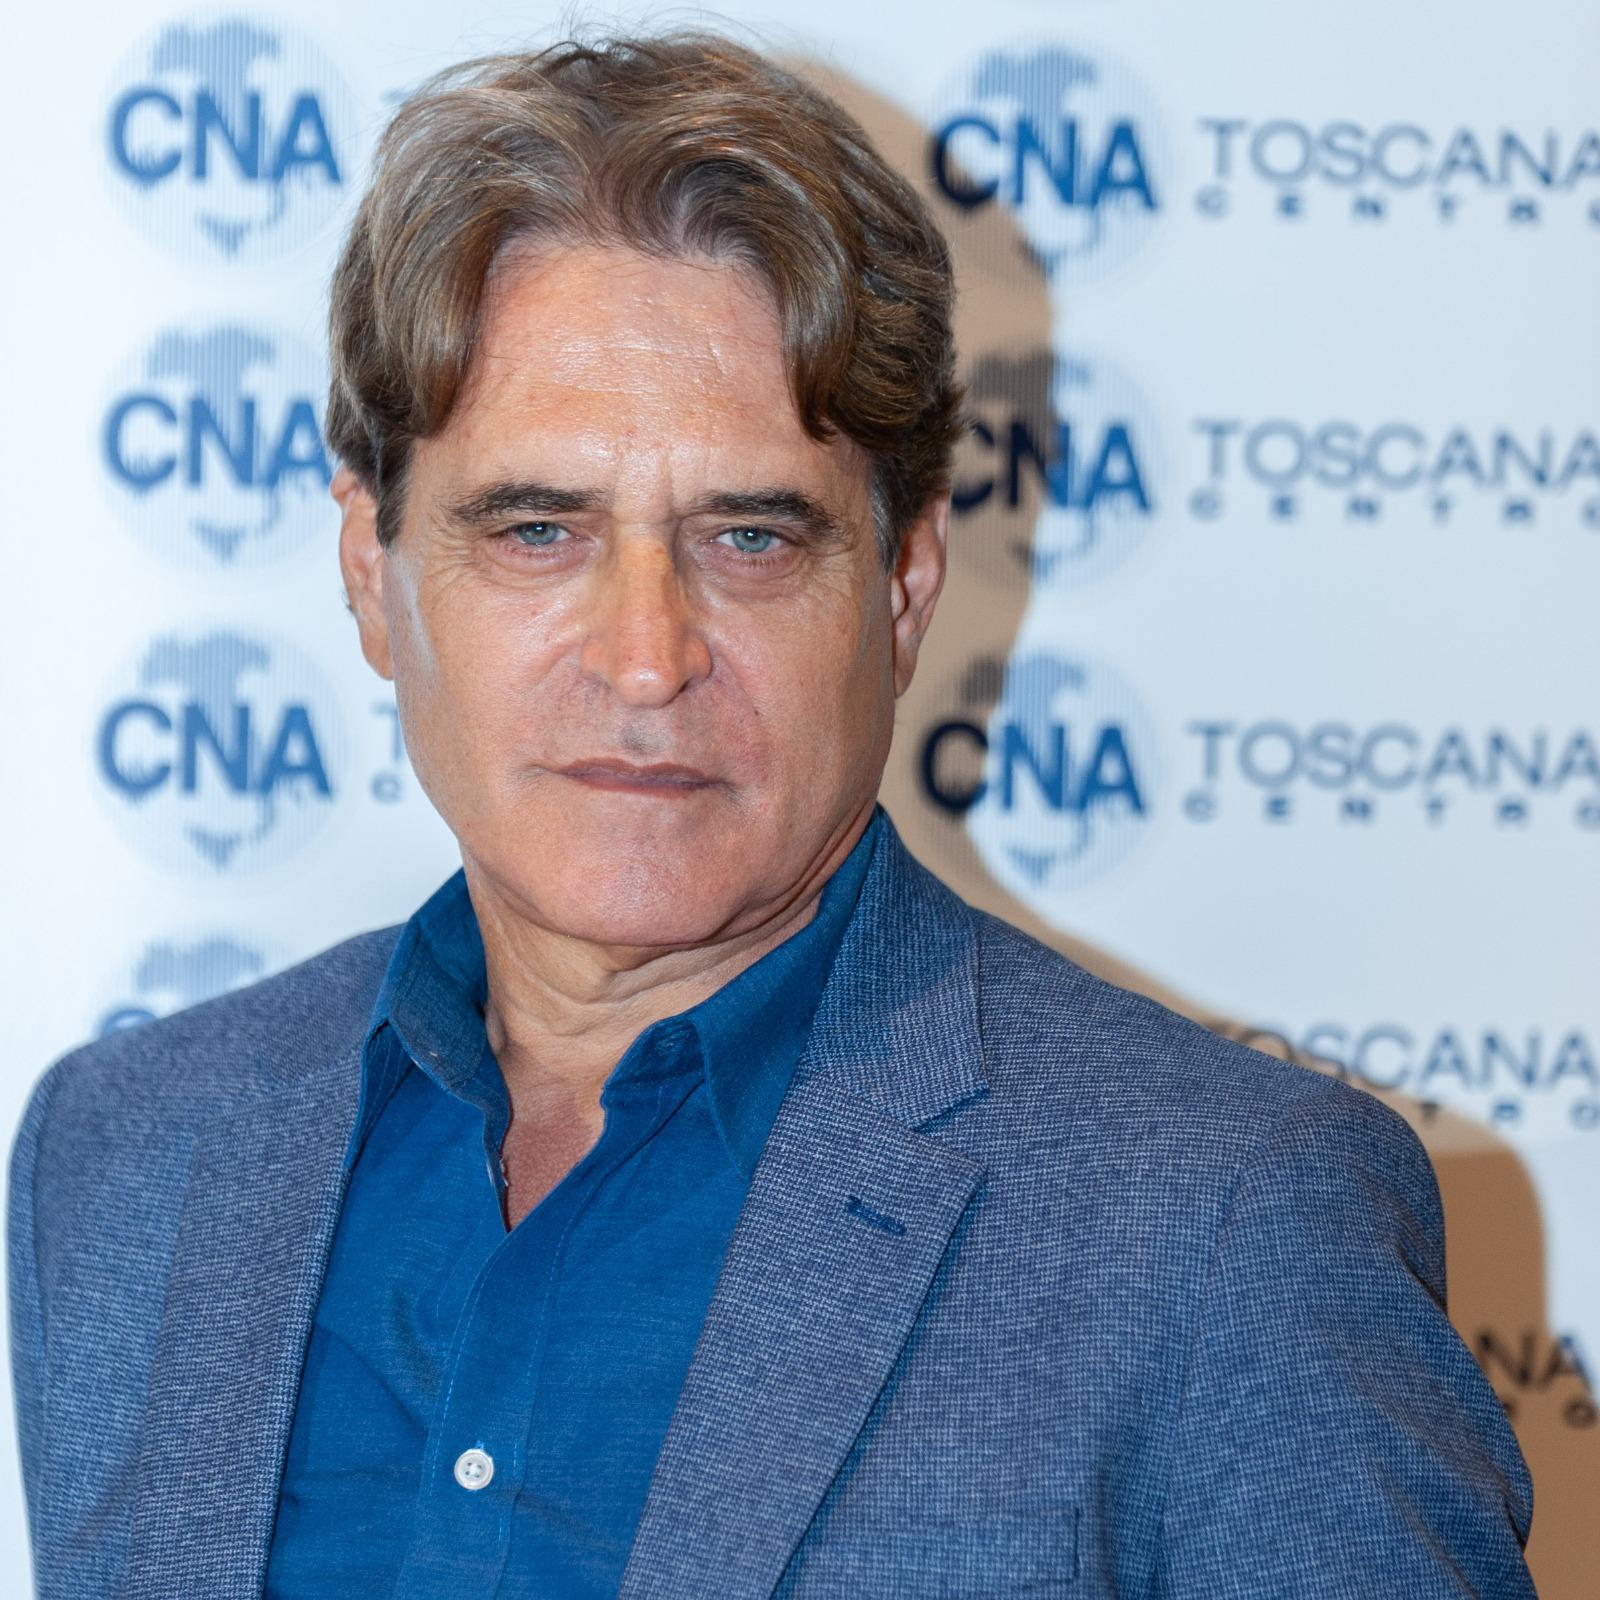 Claudio Bettazzi confermato presidente di Cna Toscana Centro